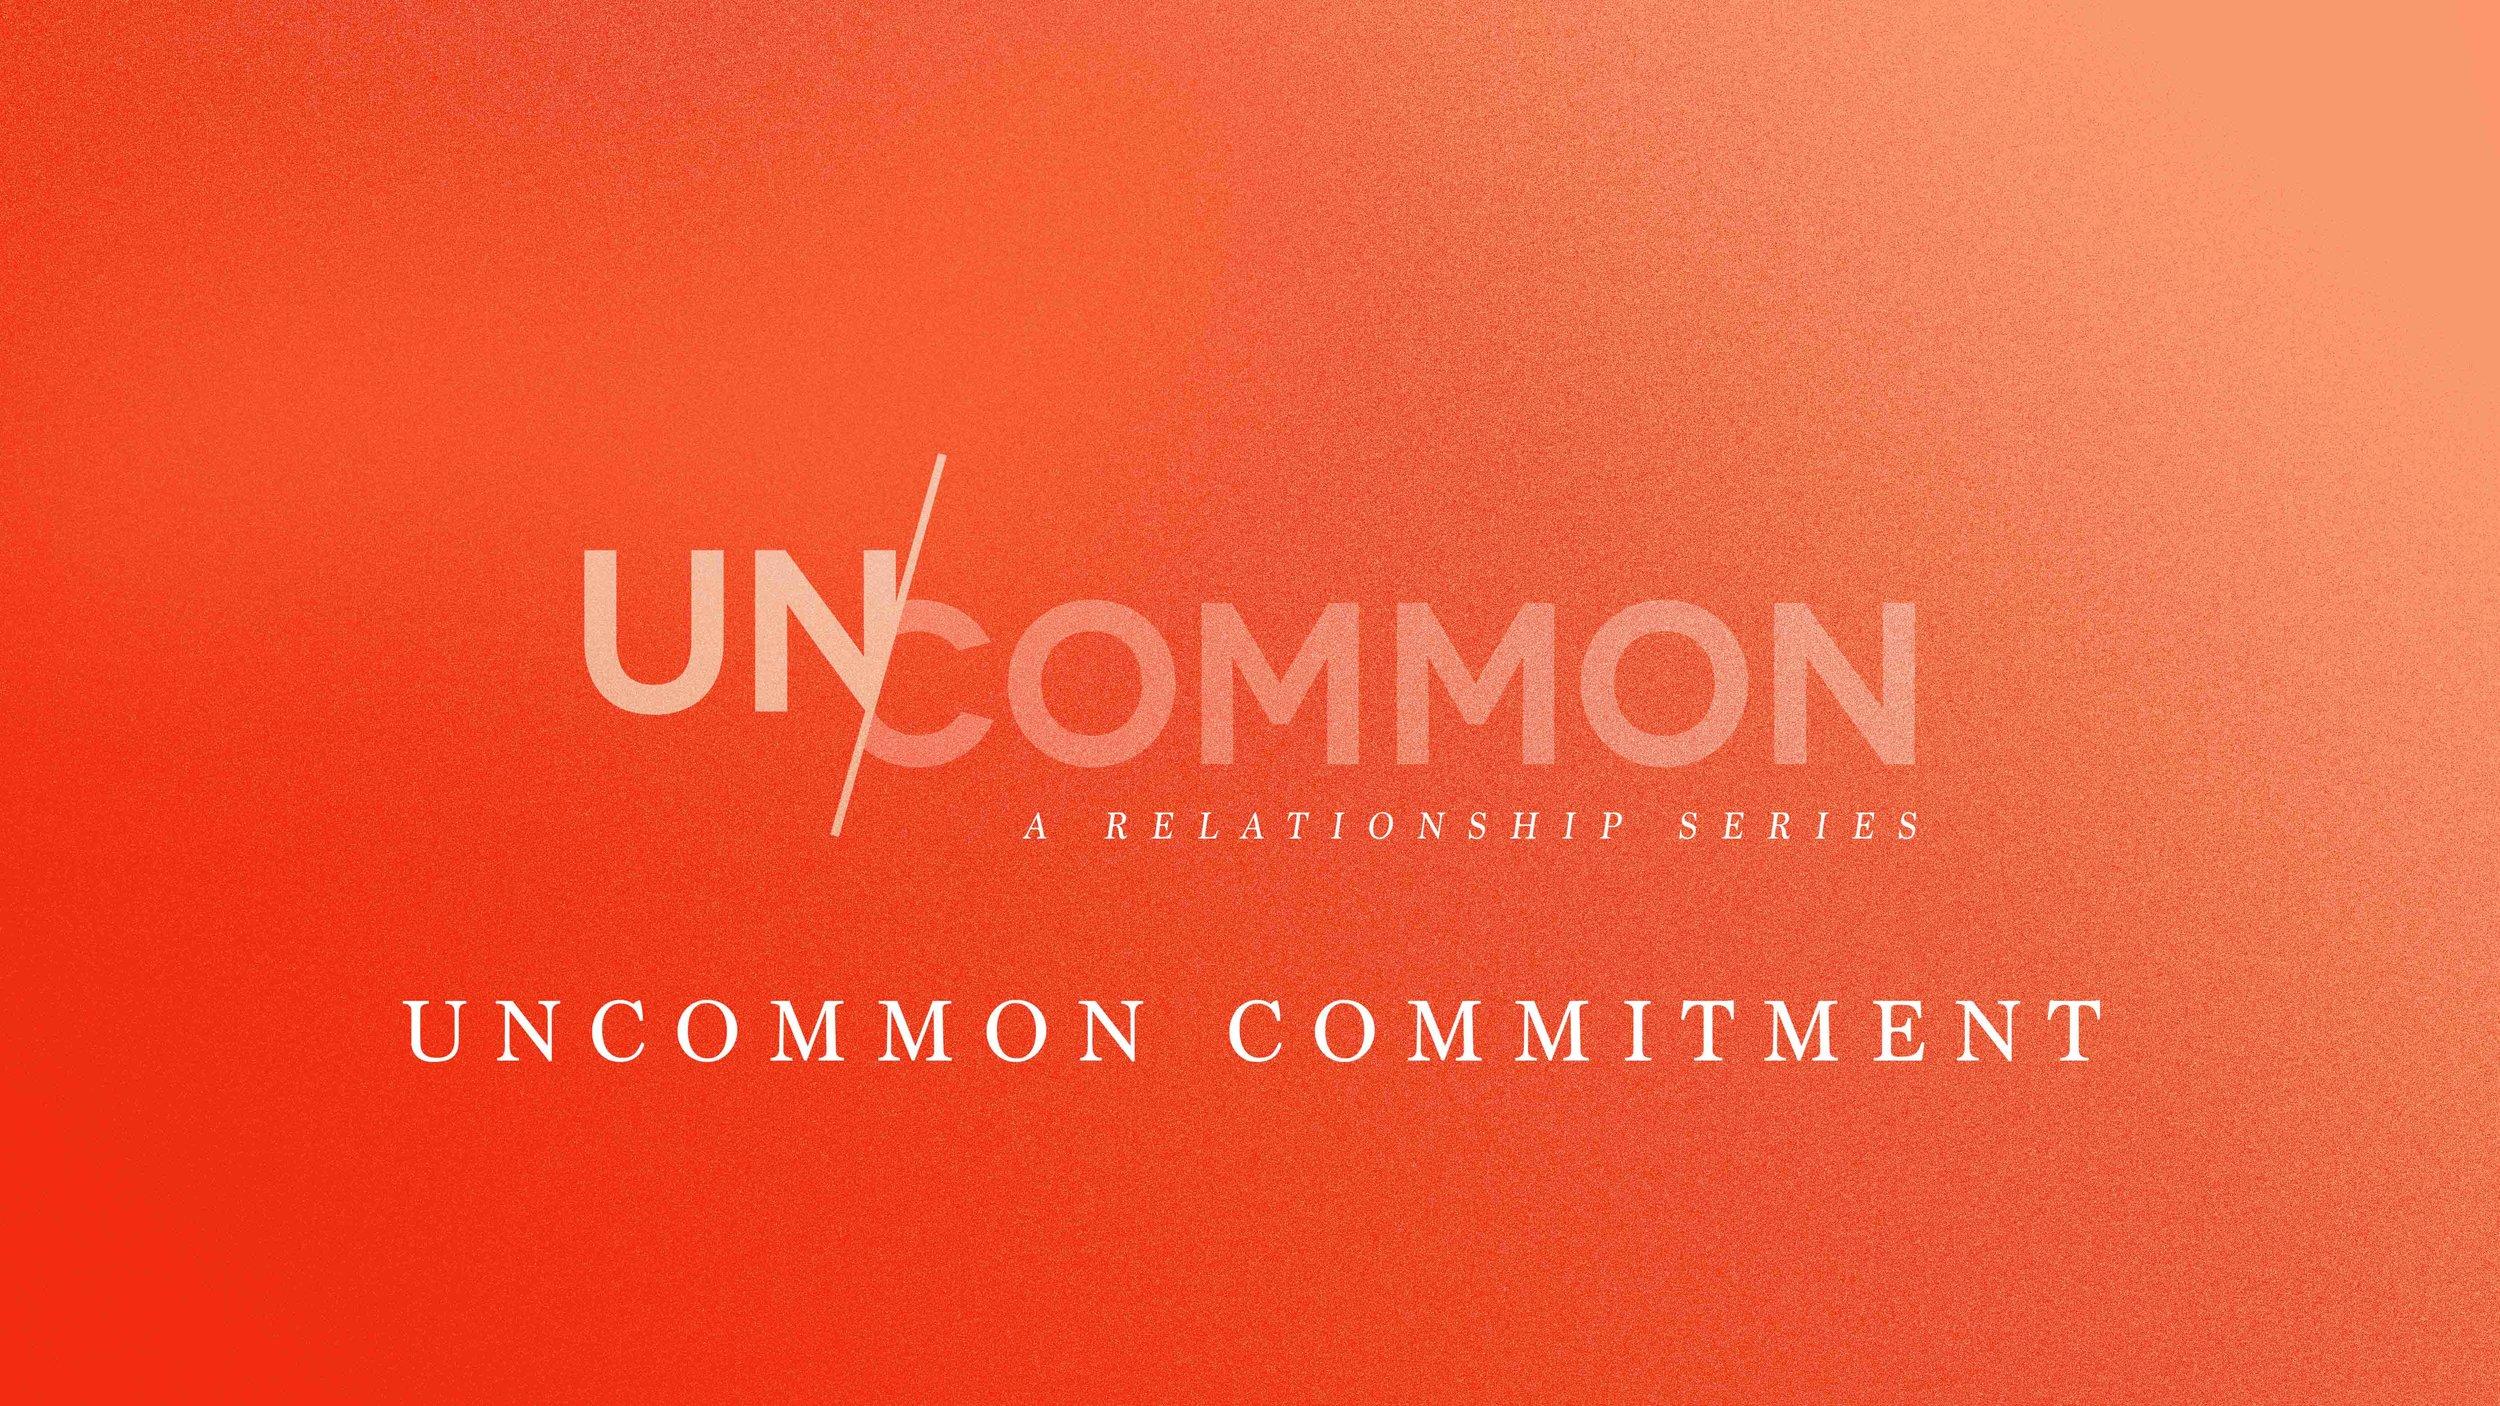 Uncommon Commitment